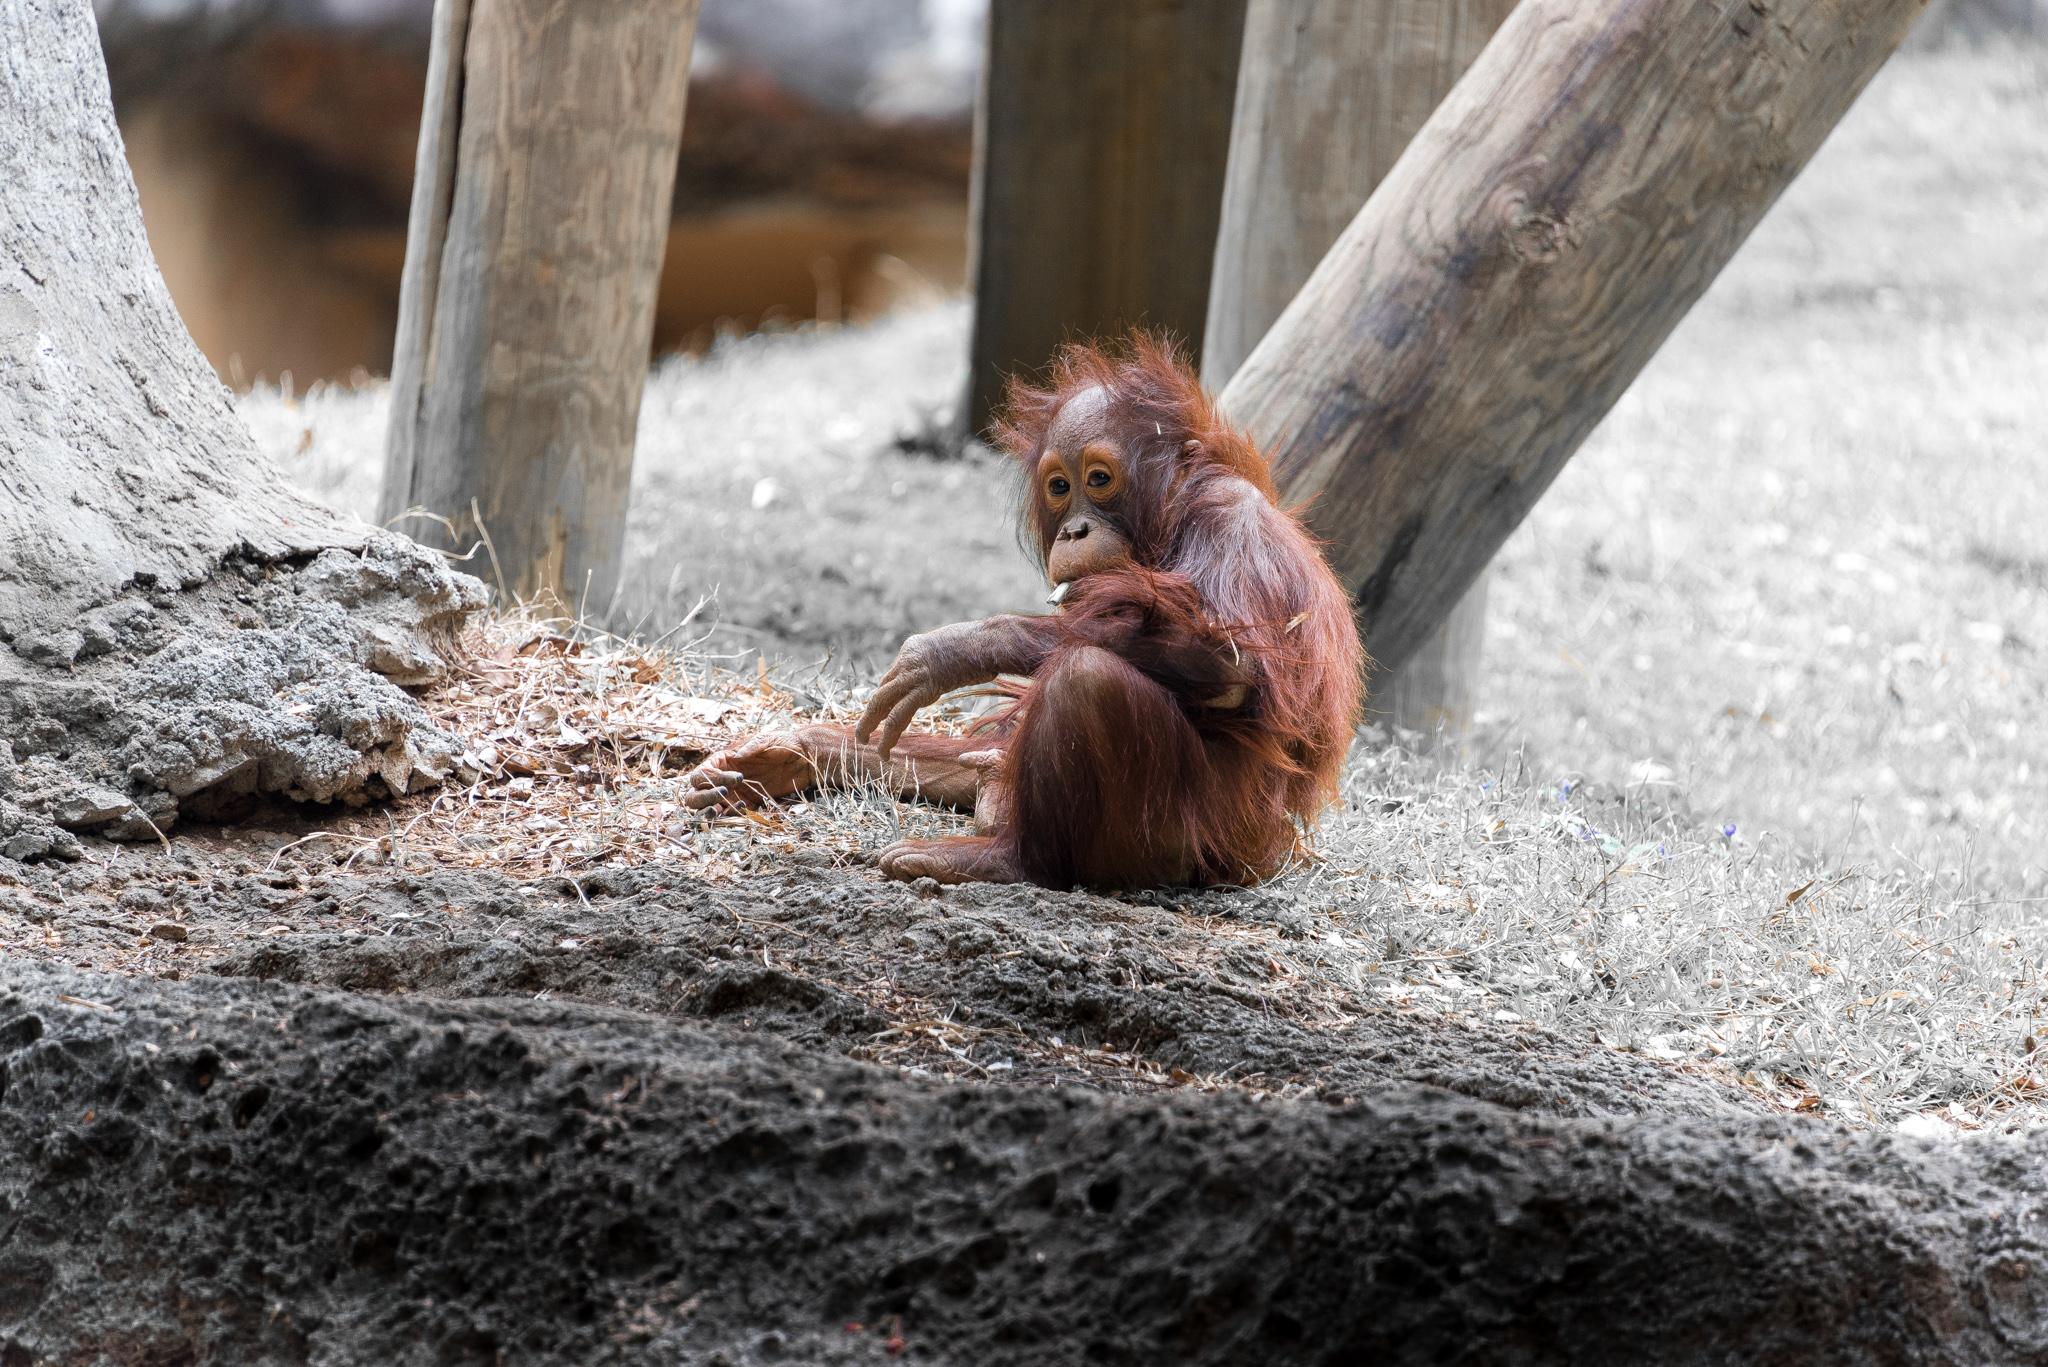 2017-03-11 - Zoo Atlanta - 040